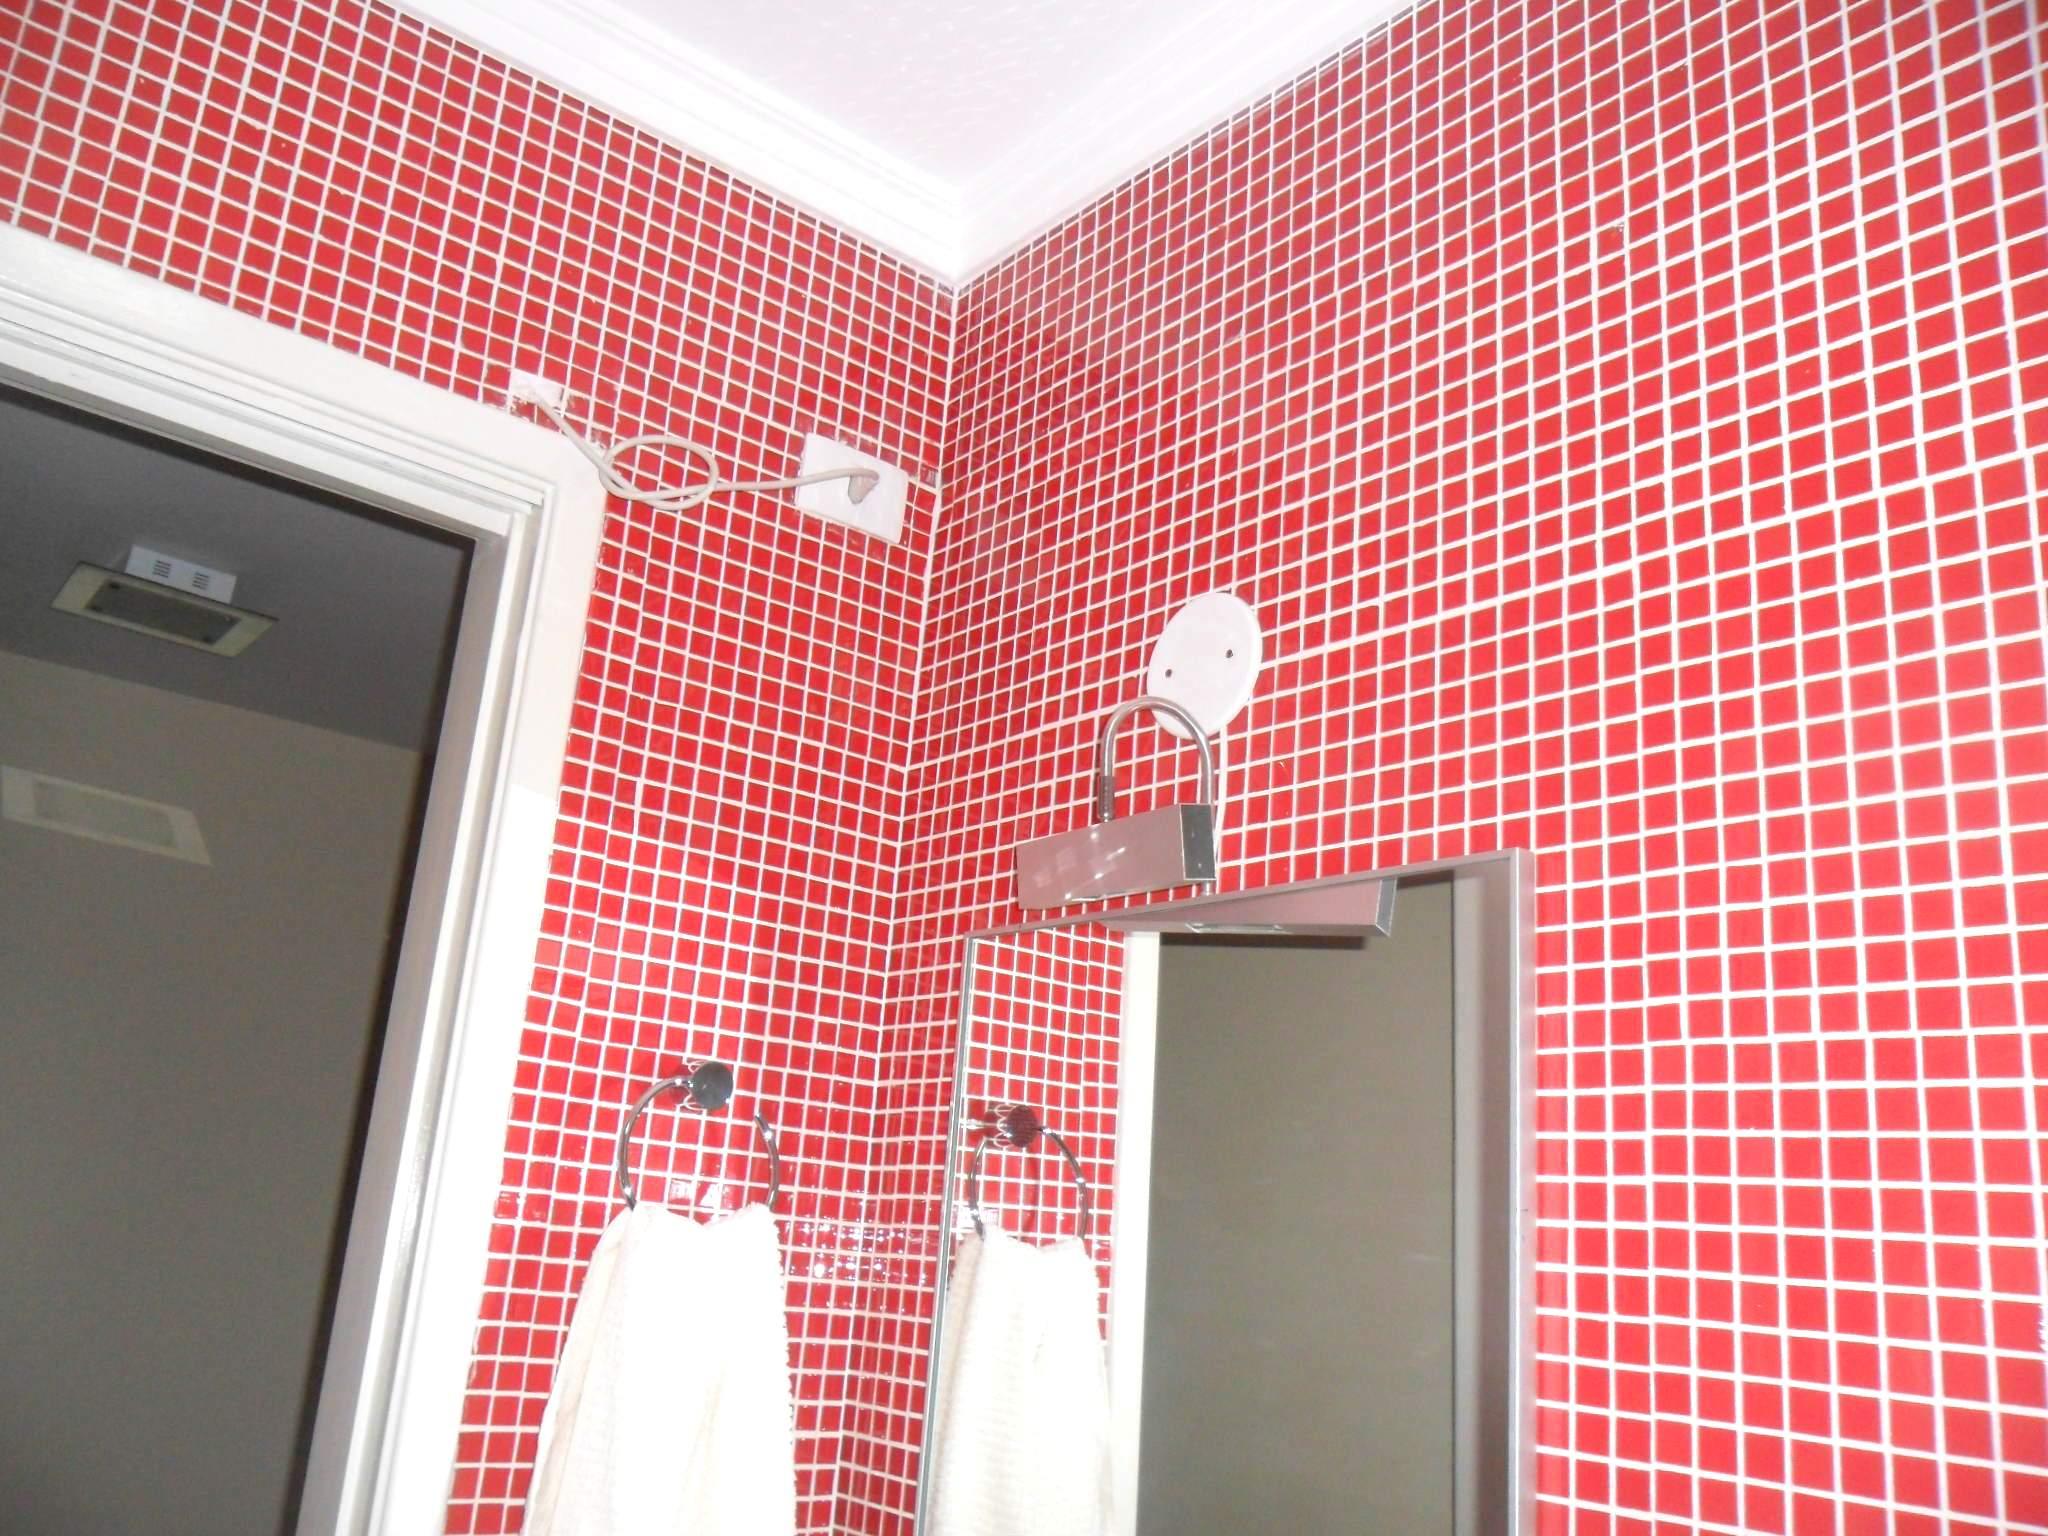 Banheiro com Pastilhas de Vidro  Sidneia SP #B71421 2048 1536